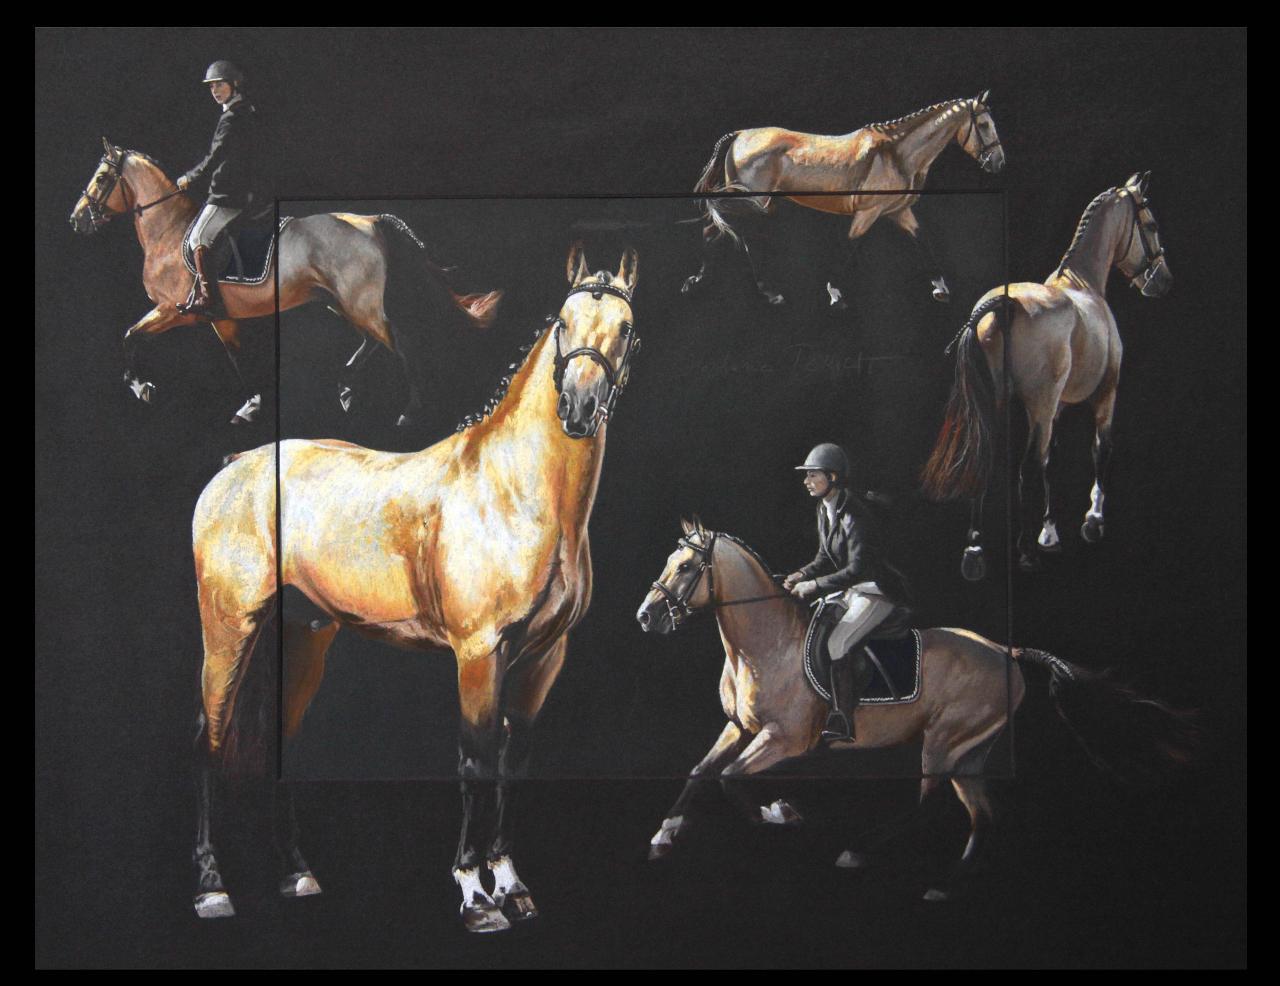 UTWO DE VAUBADON, ETALON (stallion) - pastel sec (soft pastel) - 40x50cm